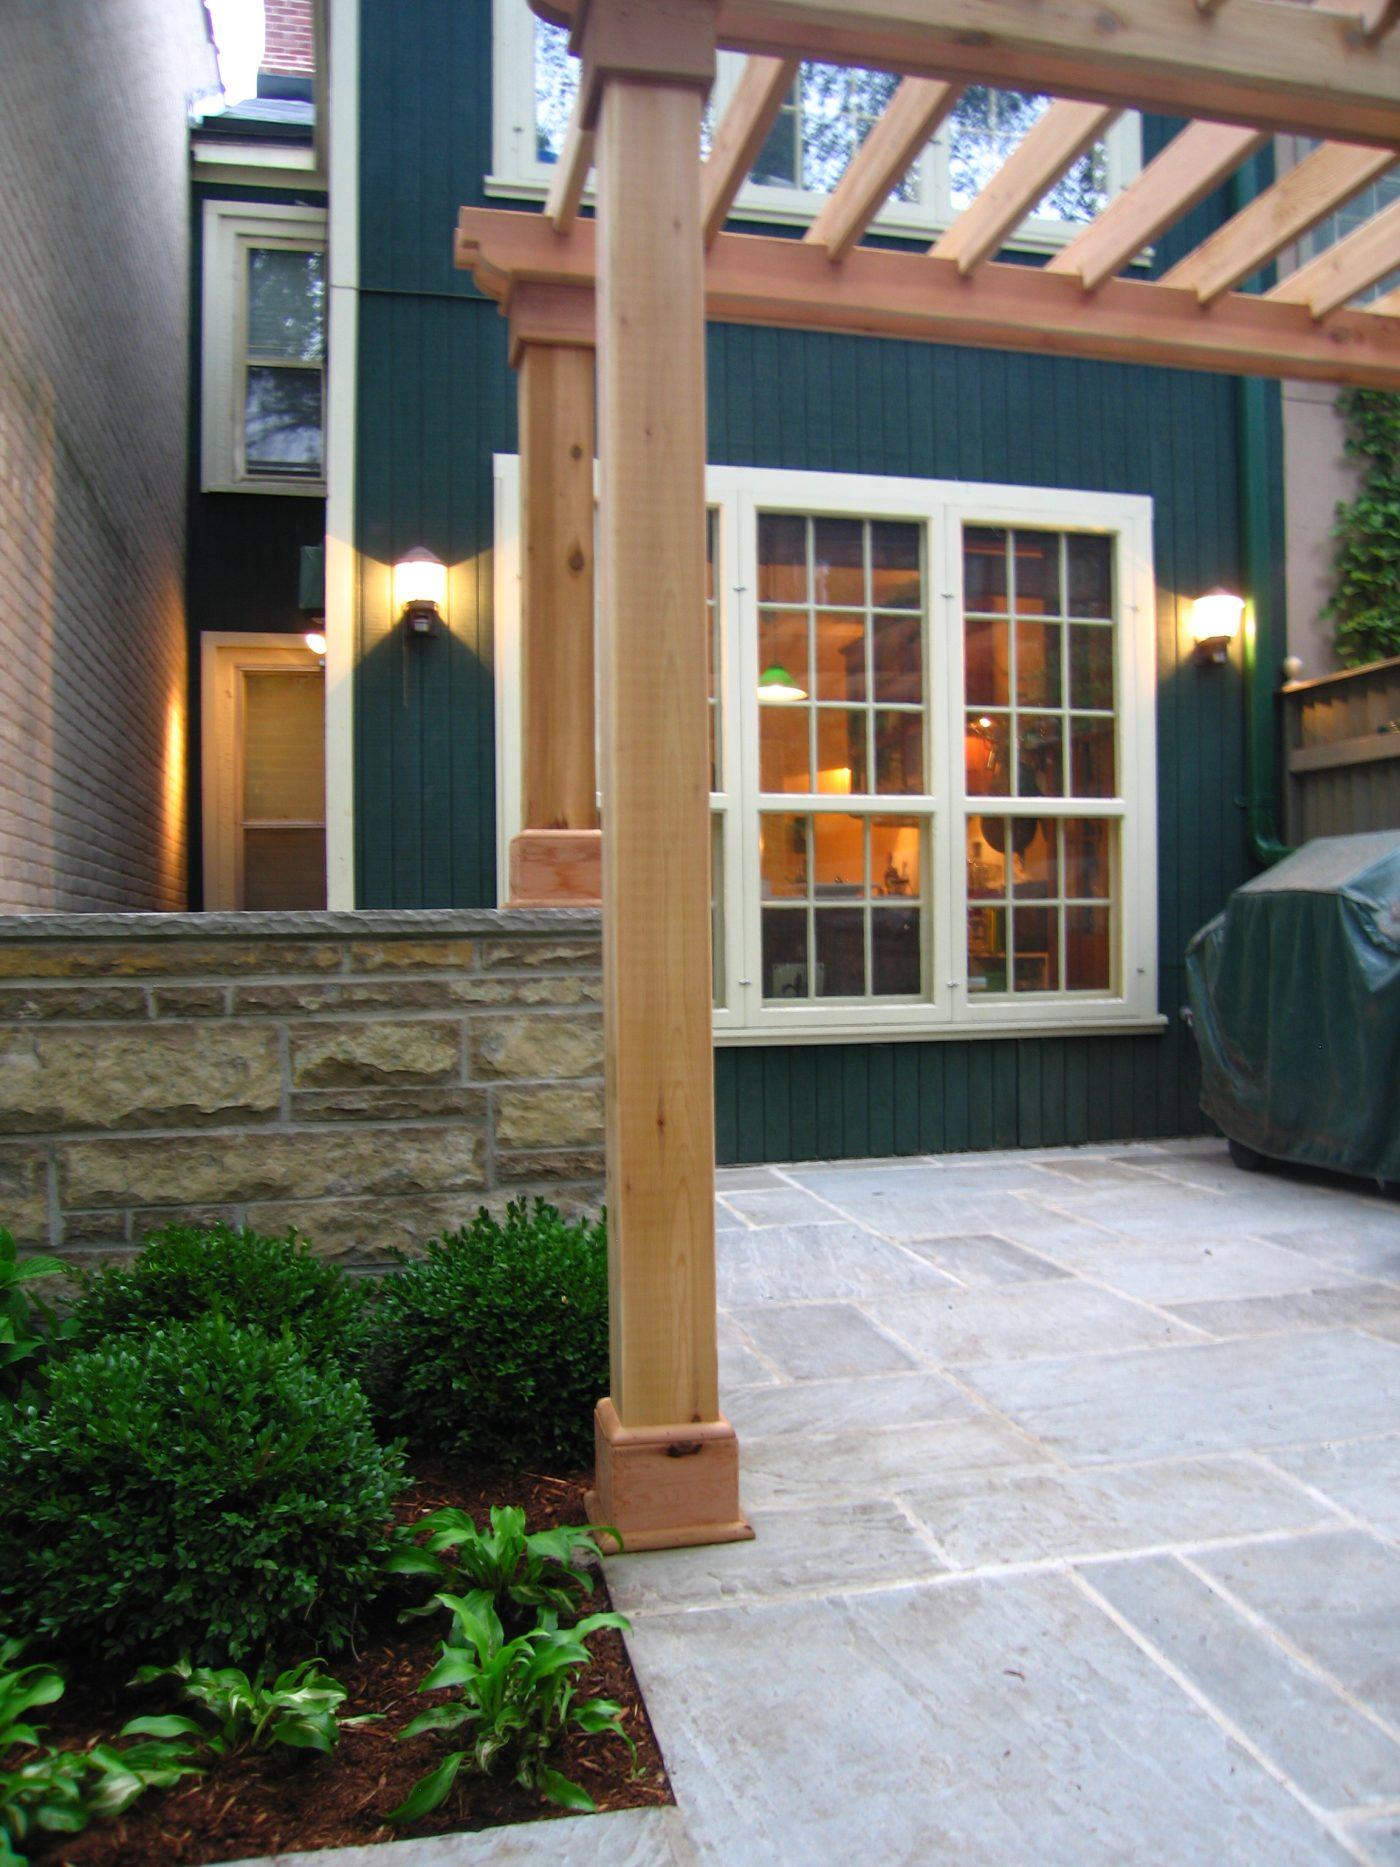 Landscape Construction- Pat- after II